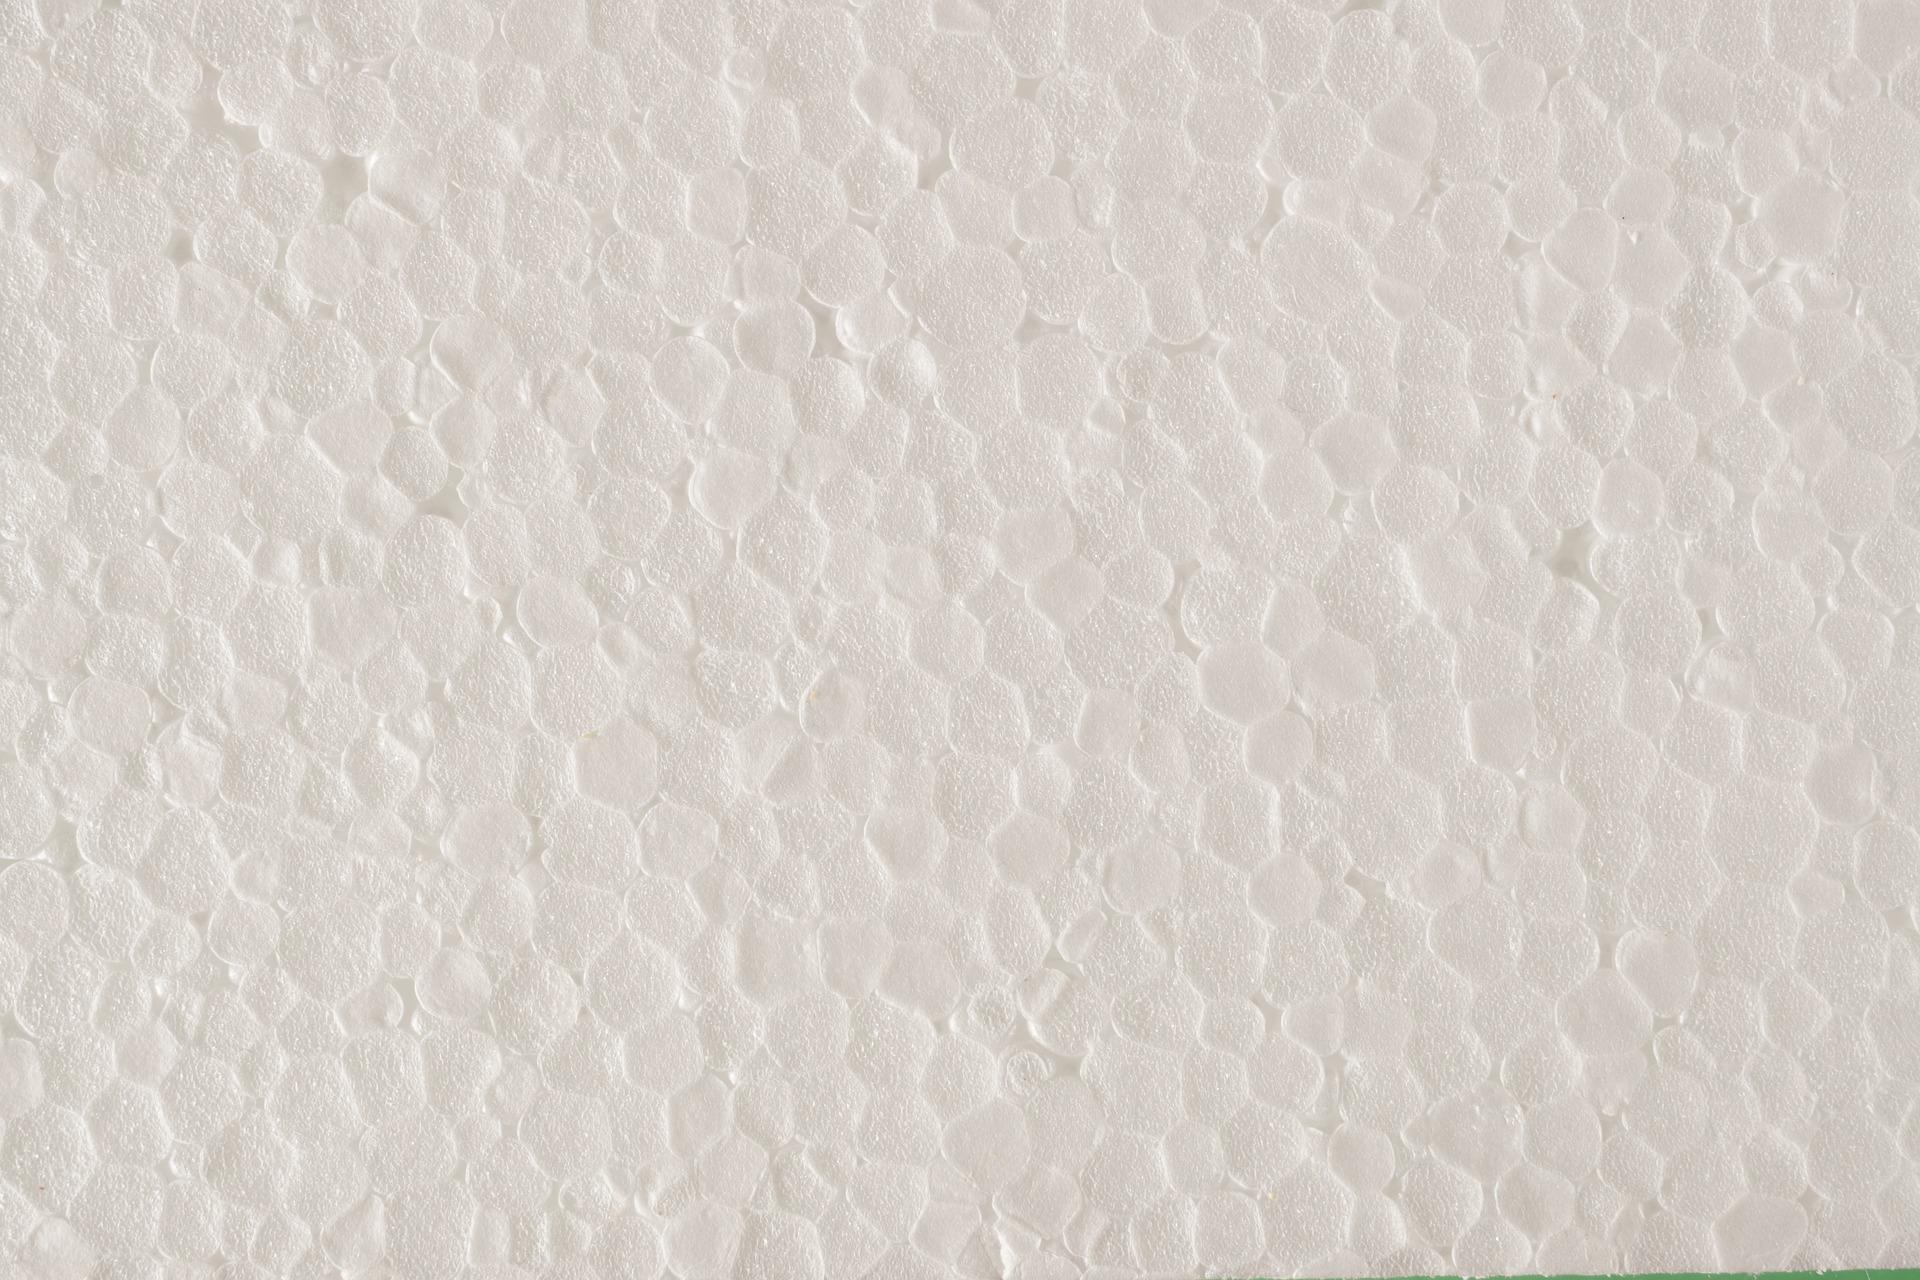 発泡スチロールの画像